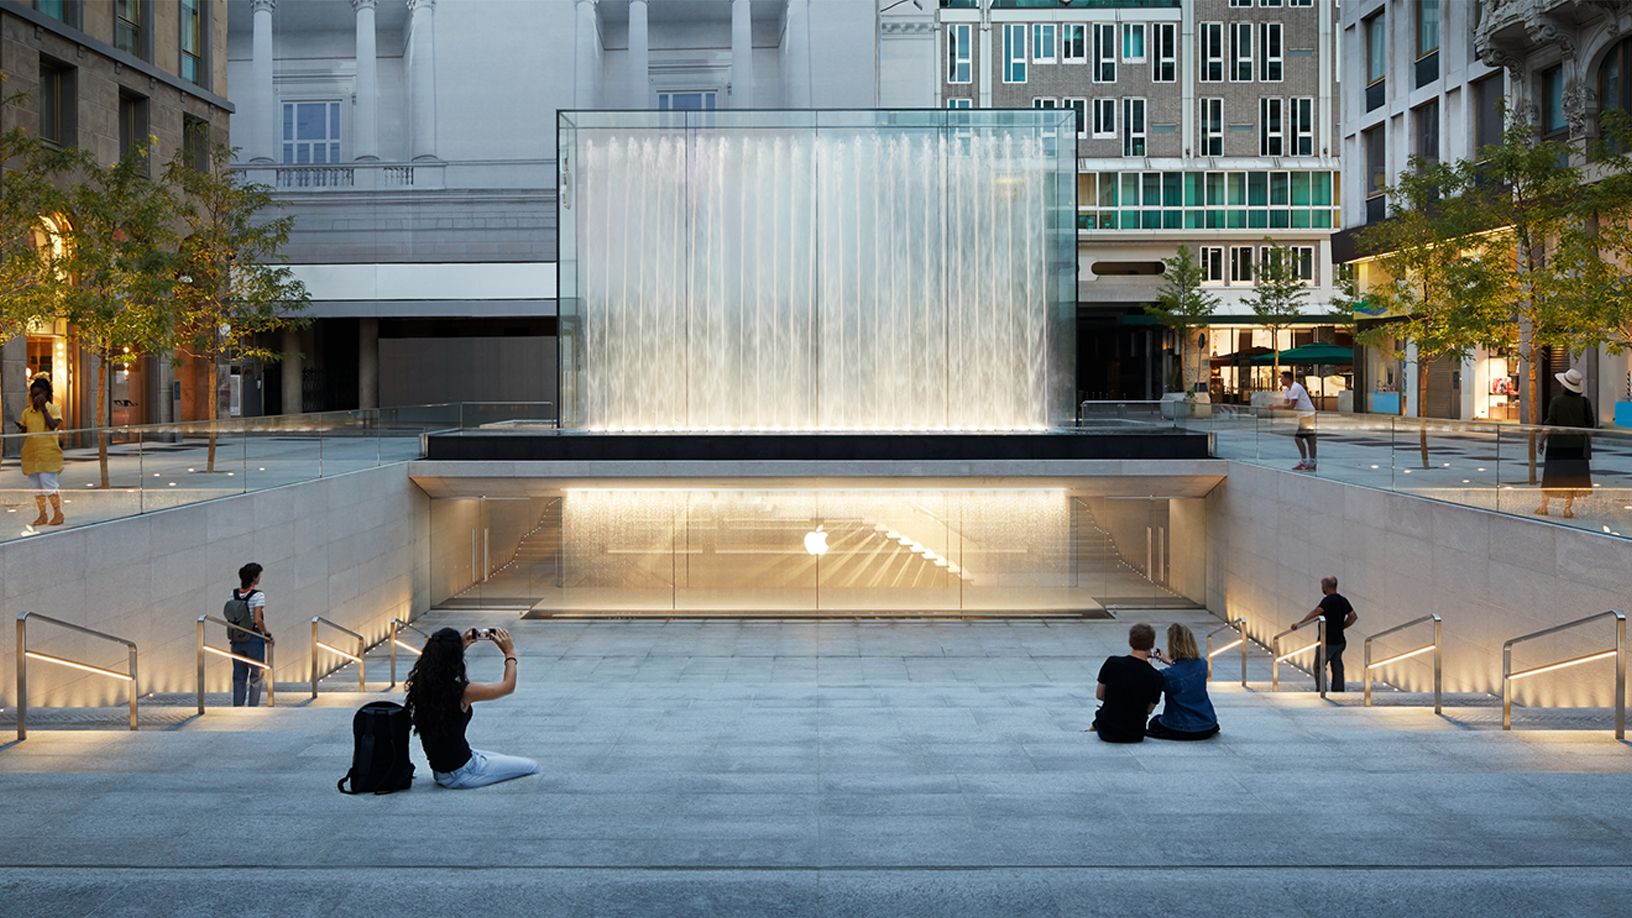 La nueva atracción en Milán es un Apple Store